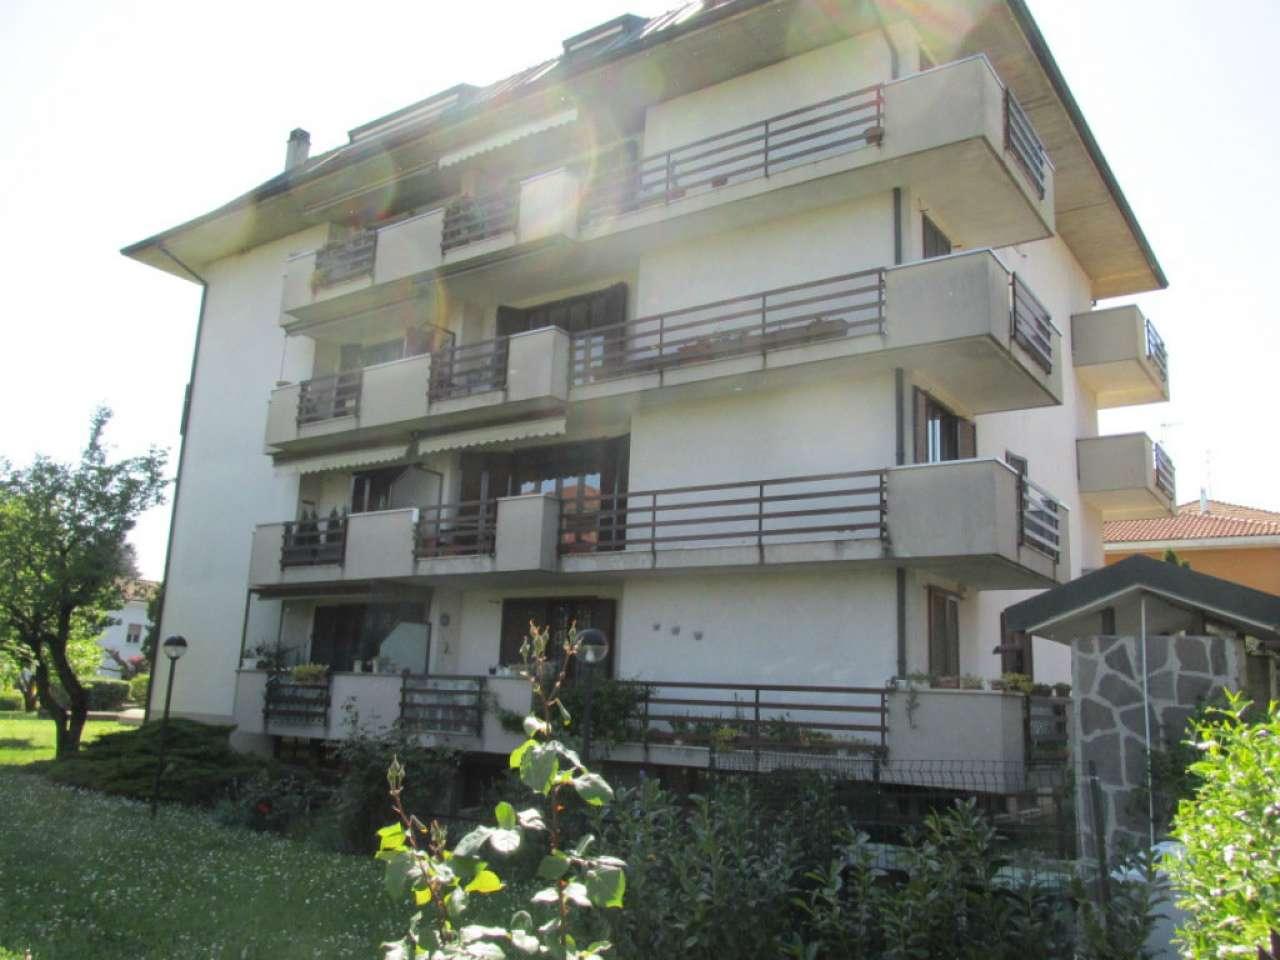 Ufficio-studio in Vendita a Segrate: 2 locali, 65 mq